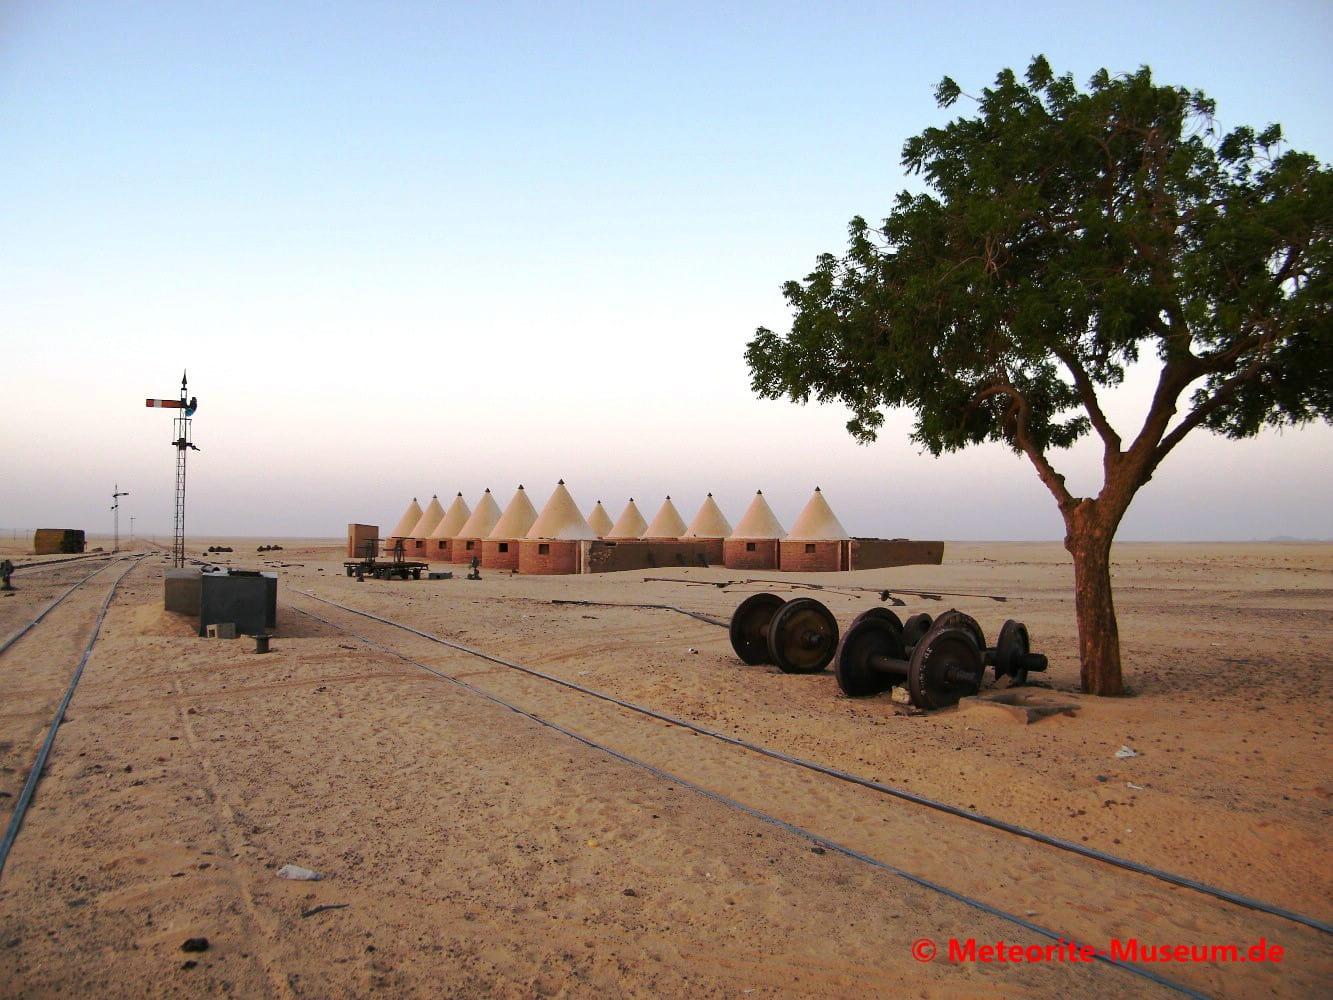 Ersatzräder für Züge und Unterkünfte für die Wartezeit an der Bahnstation Almahata Sitta in der nubischen Wüste im Sudan